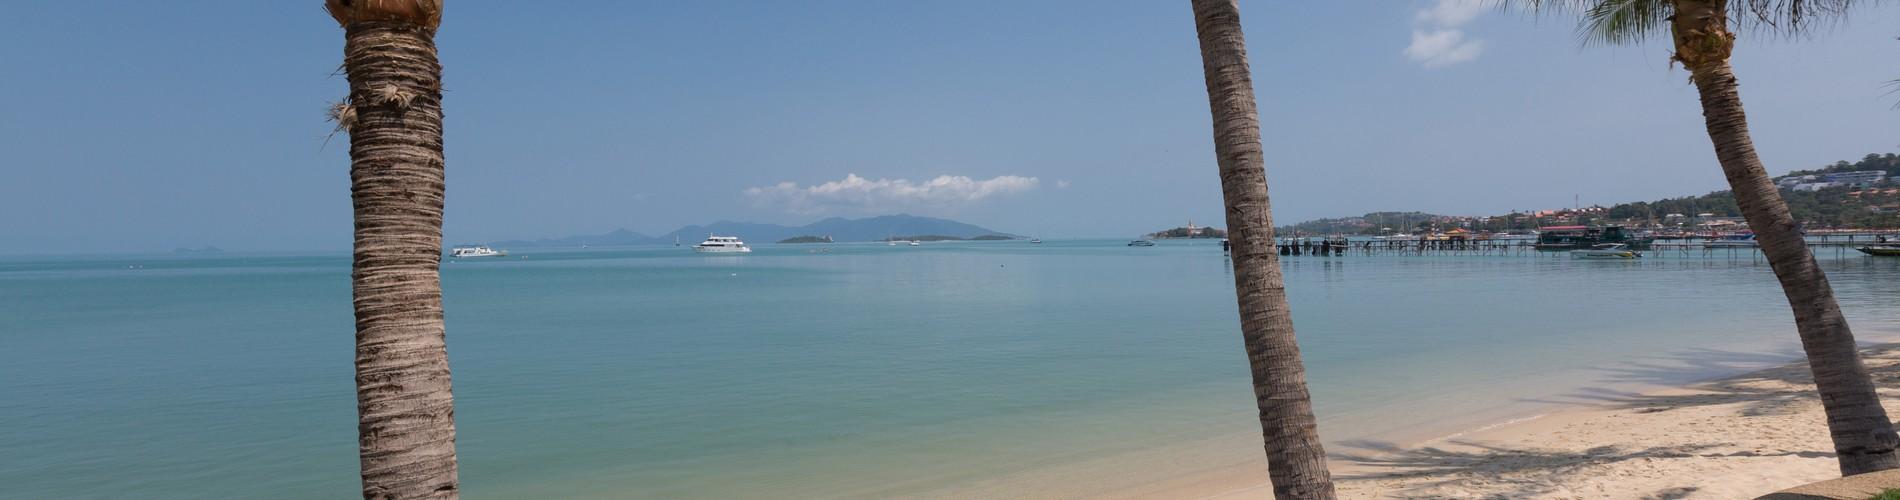 Vacation Rental Ban Haad Sai